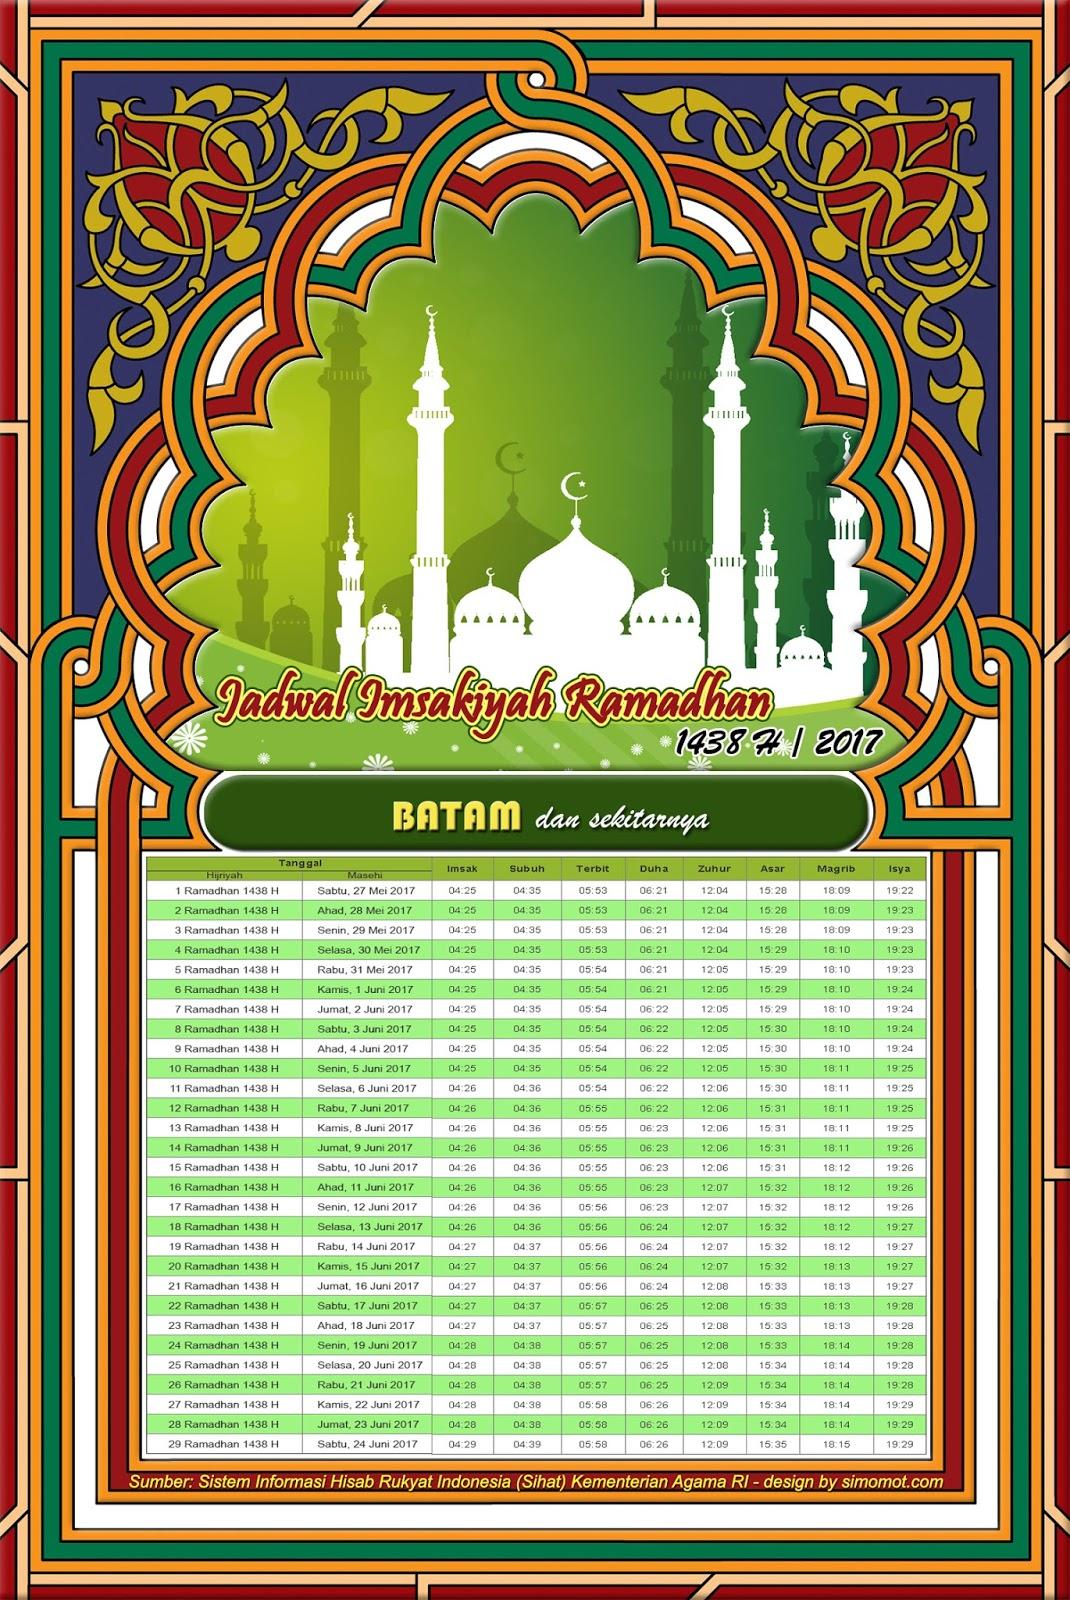 Jadwal Imsakiyah Batam 2017/1438 H